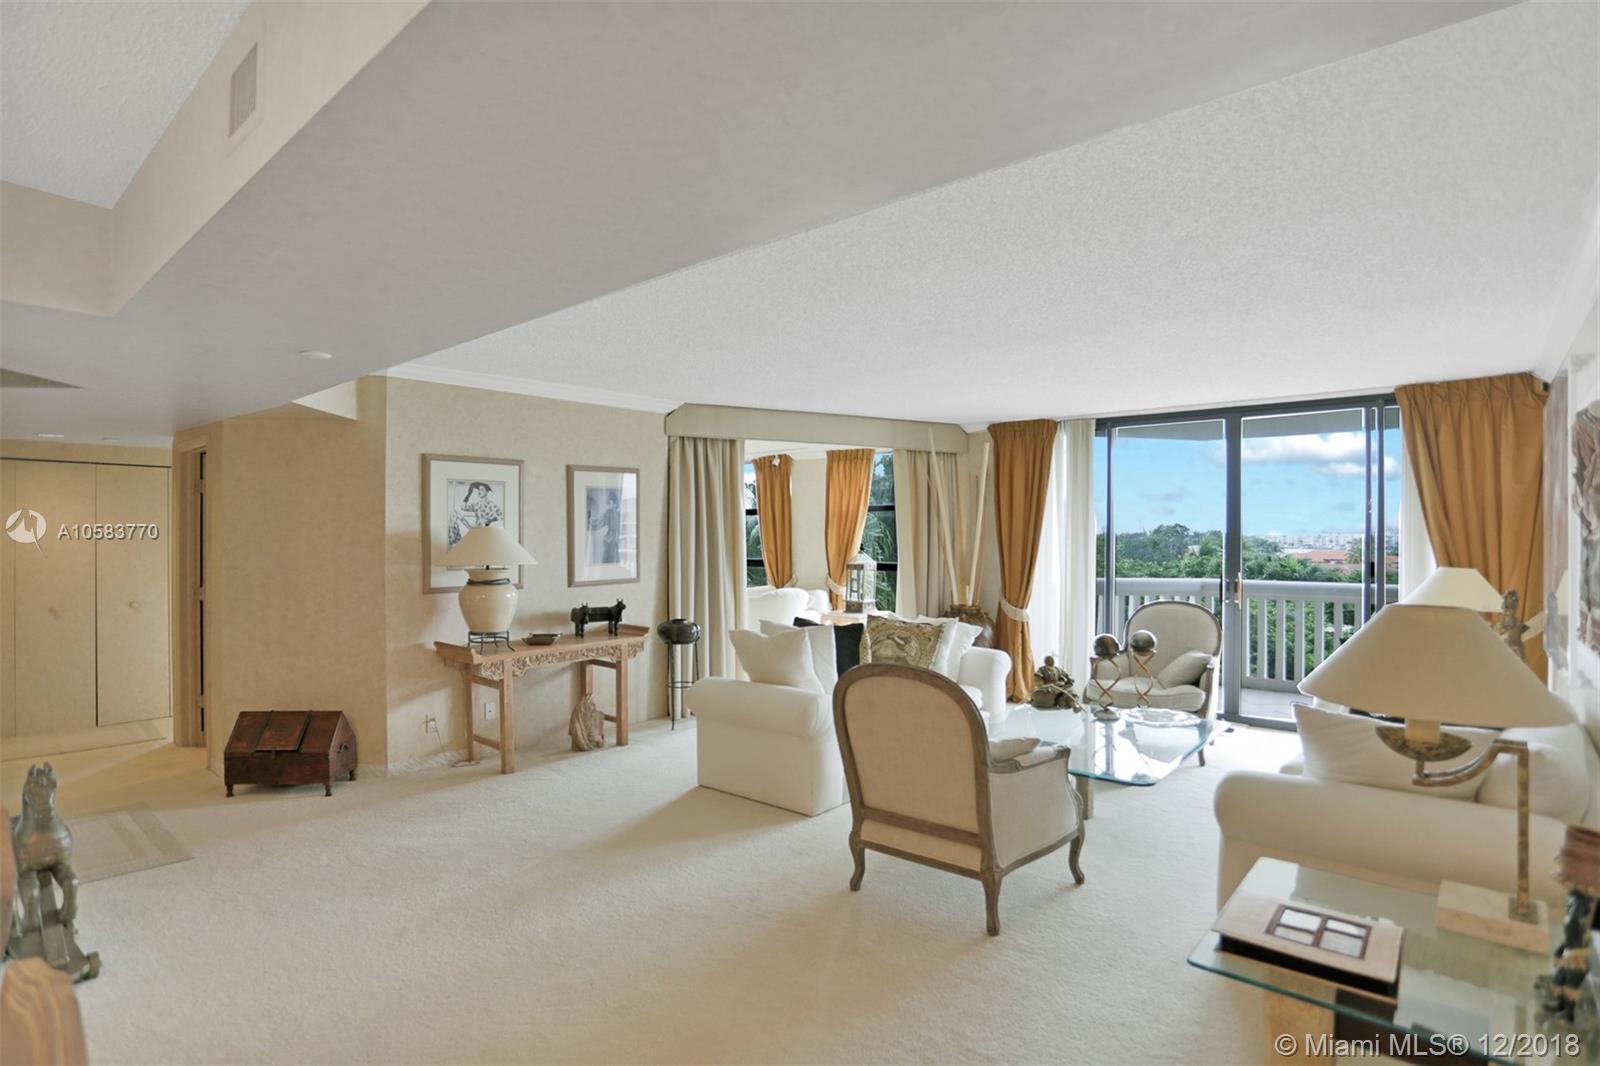 A vendre : Appartement à Aventura